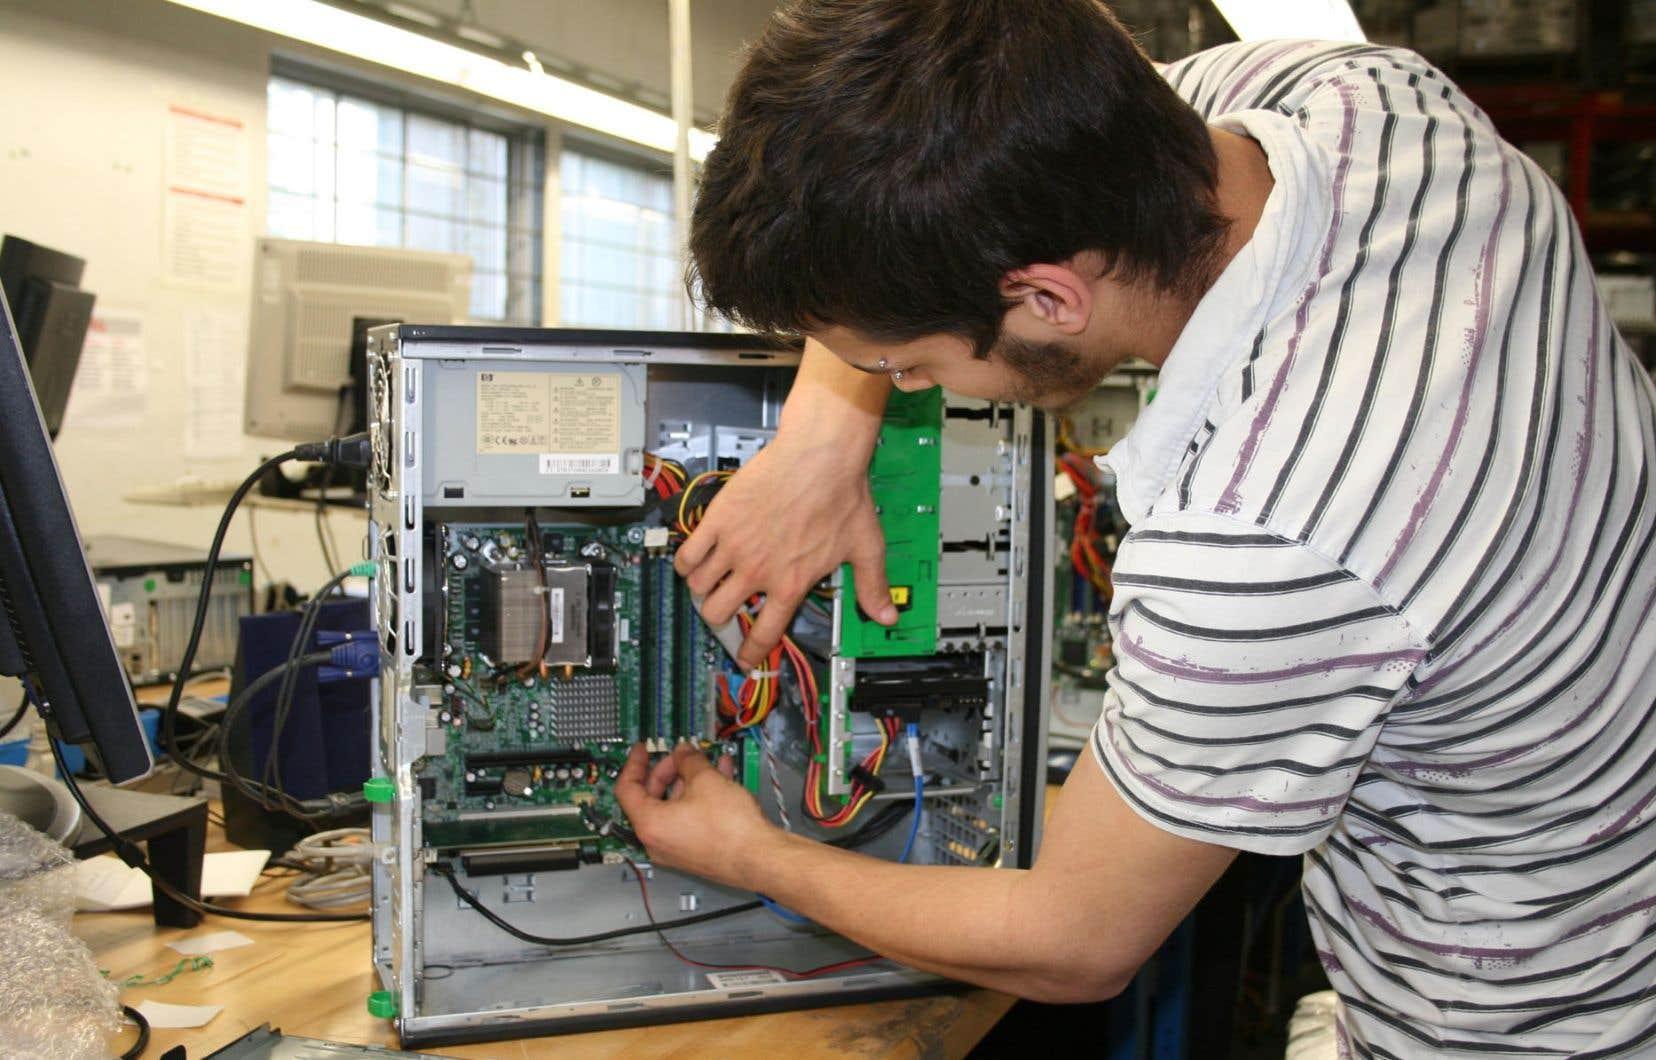 La reconnaissance des compétences permet à des employés de monter en grade. Par exemple, un informaticien ayant une dizaine d'années d'expérience qui postule à un poste exigeant un diplôme qu'il n'a pas peut obtenir le poste s'il démontre qu'il a les compétences requises.